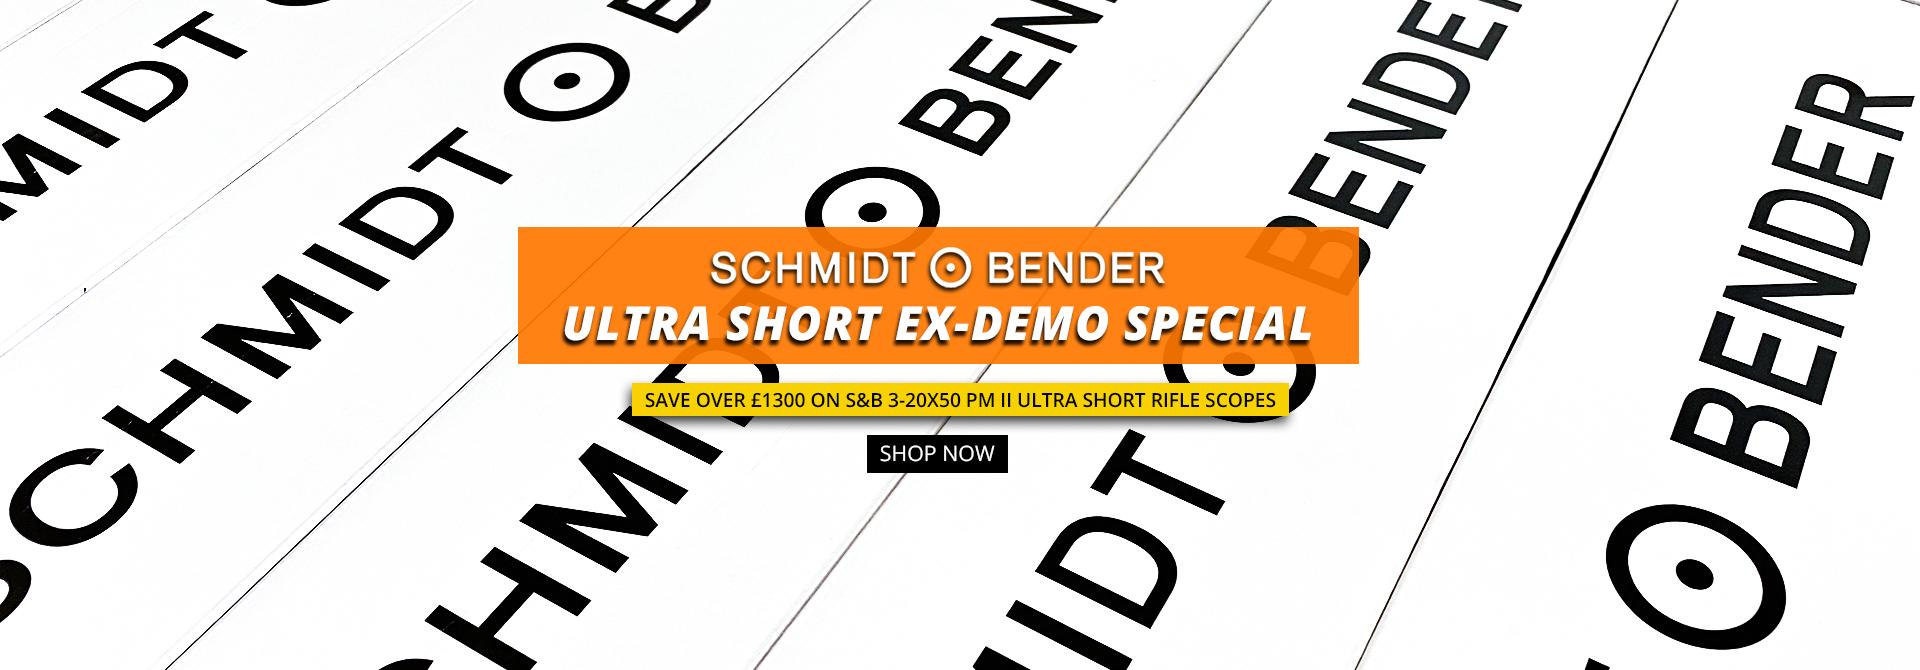 Schmidt & Bender